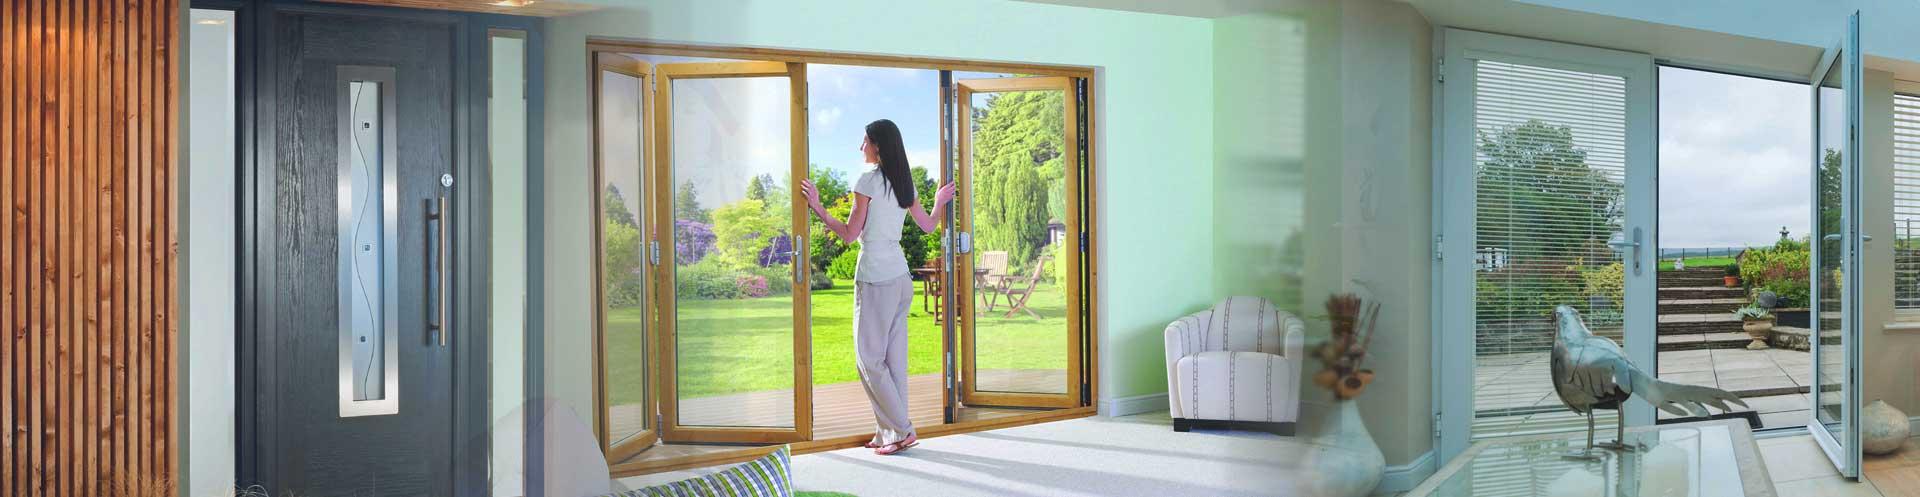 doors split image